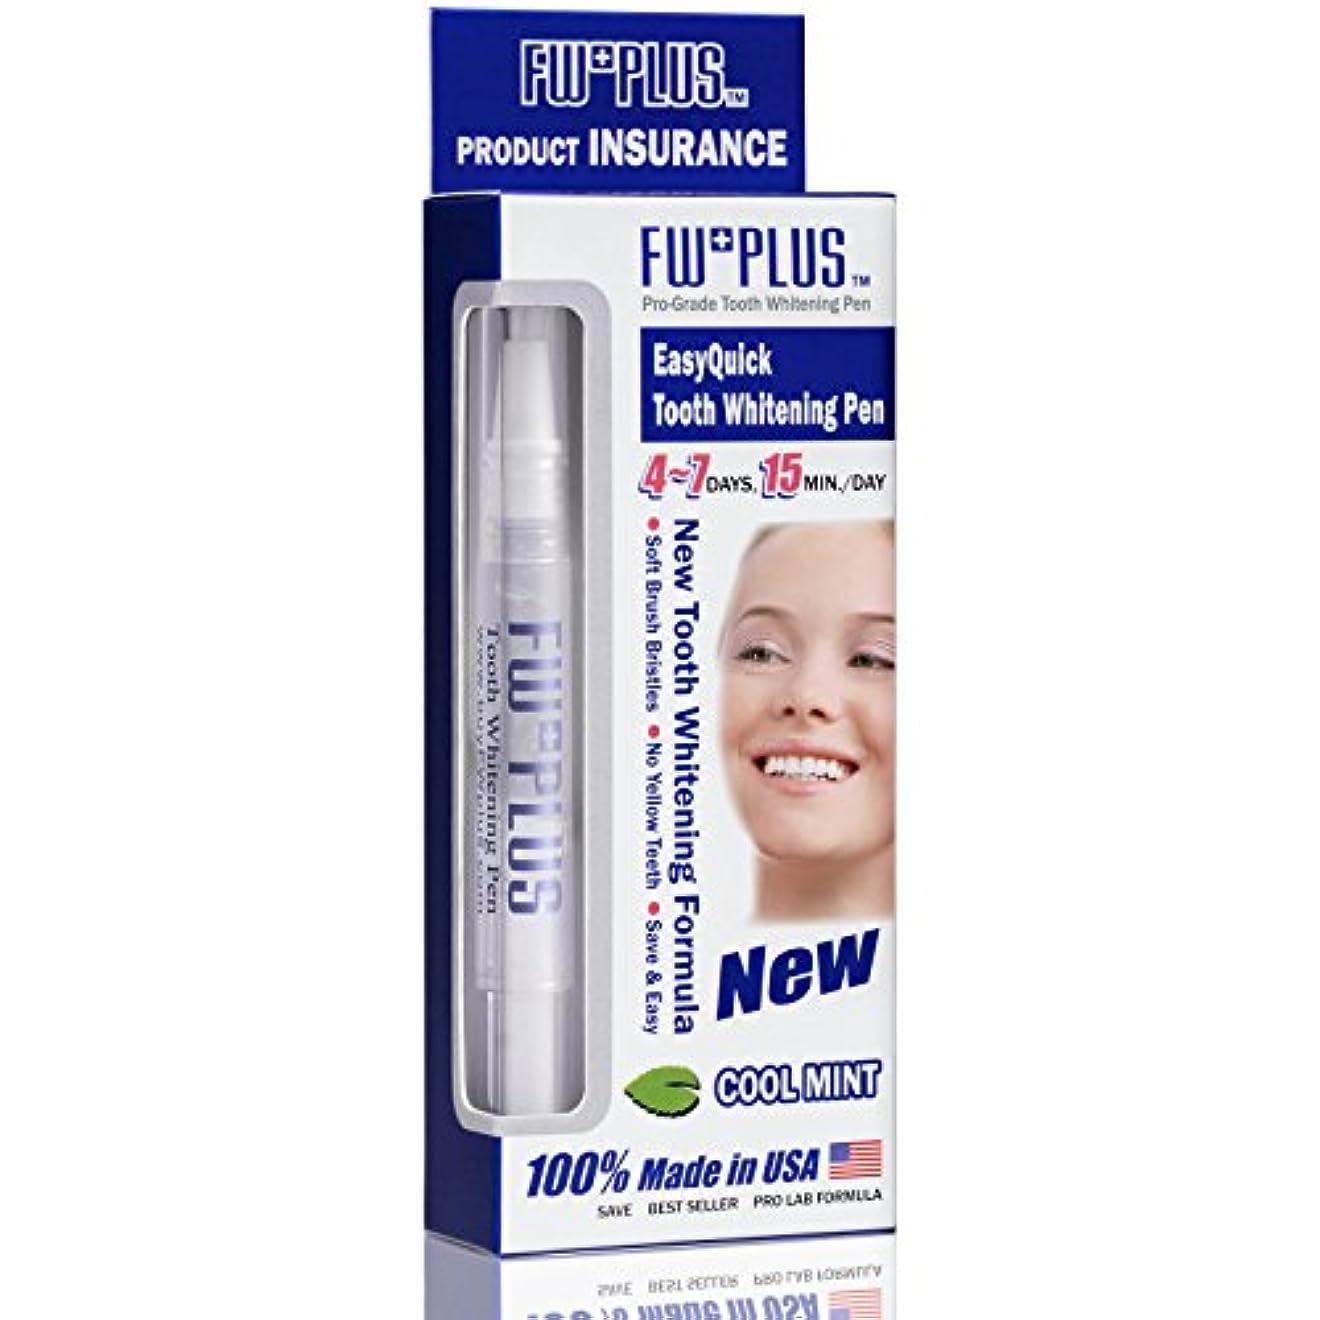 放棄イノセンス説教FW+PLUS菲斯華 歯を白くする 簡単即効ホーム歯ホワイトニングペン 歯ホワイトニング 人気 歯ホワイトニング ジェル